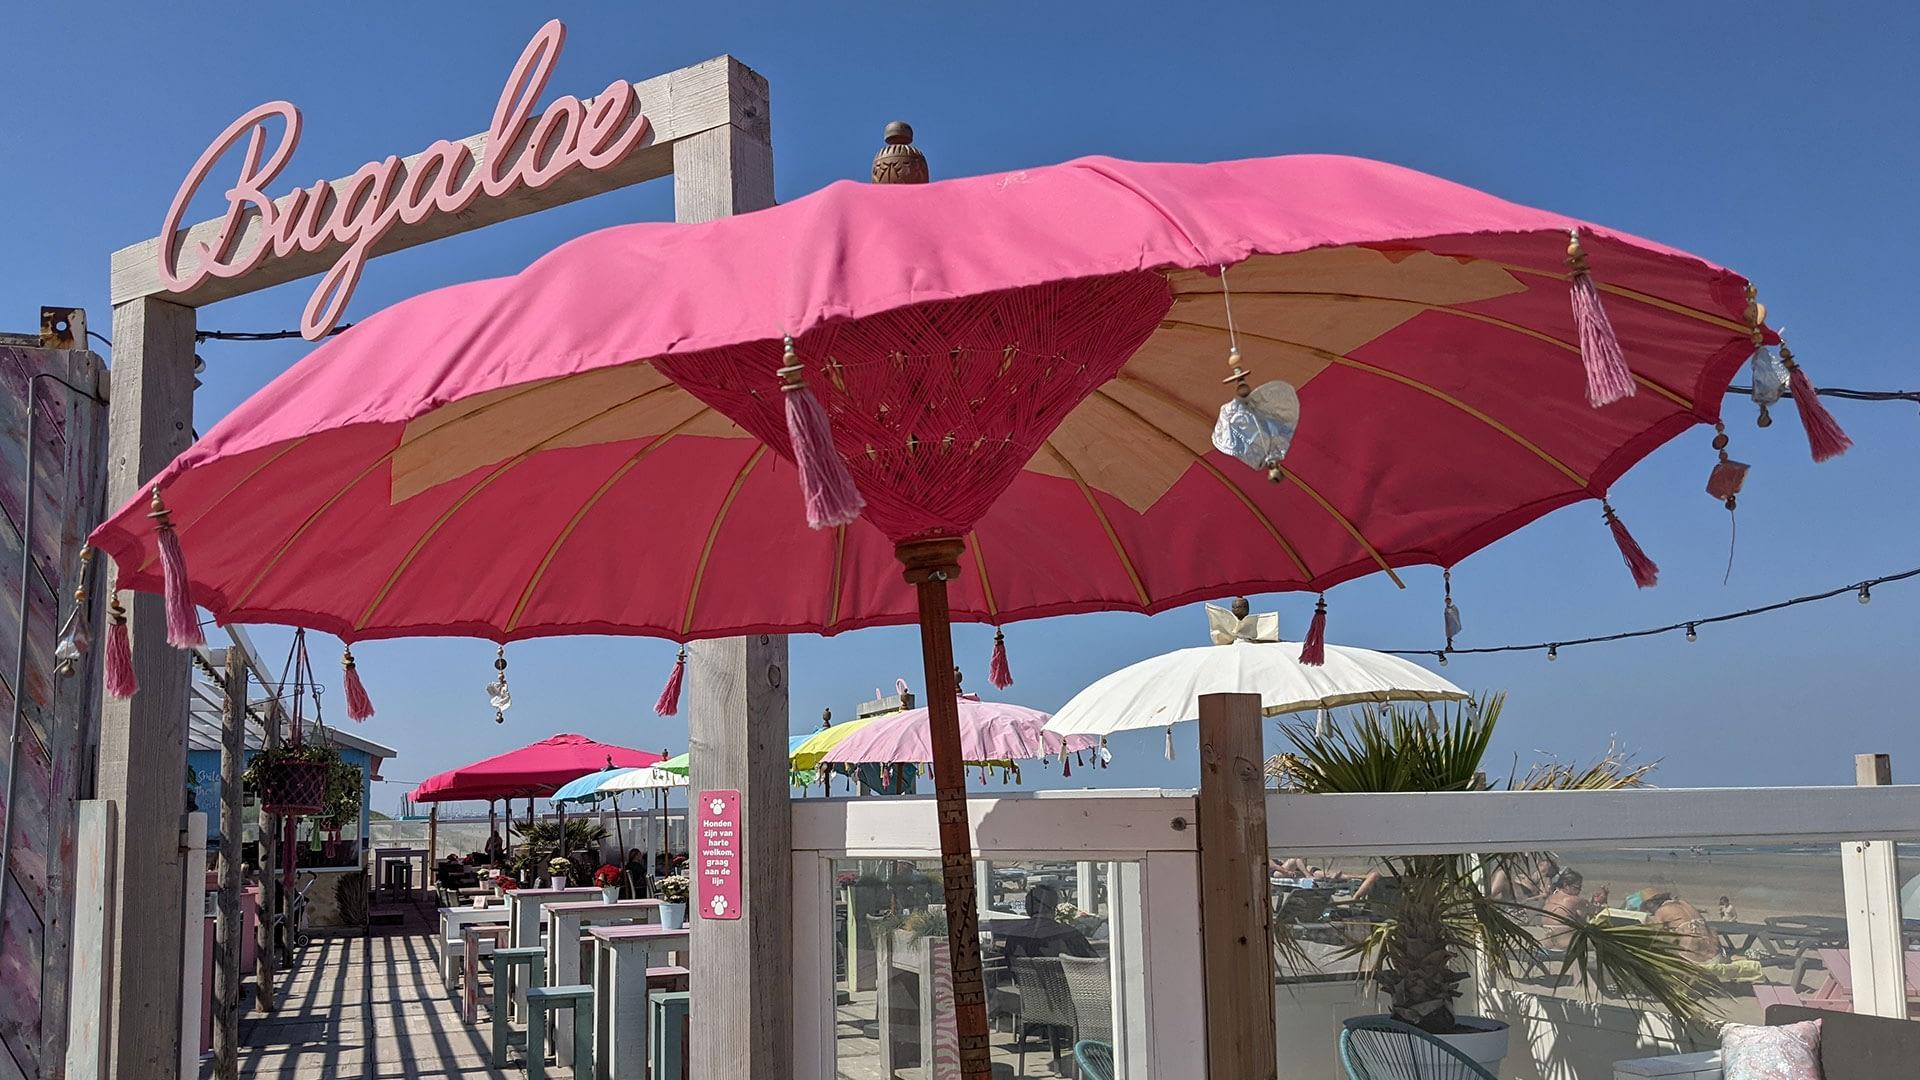 entree van strandtent Bugaloe Beach met houten poort met de naam van Bugaloe Beach in roze letters en een grote roze Balinese parasol in het Westland